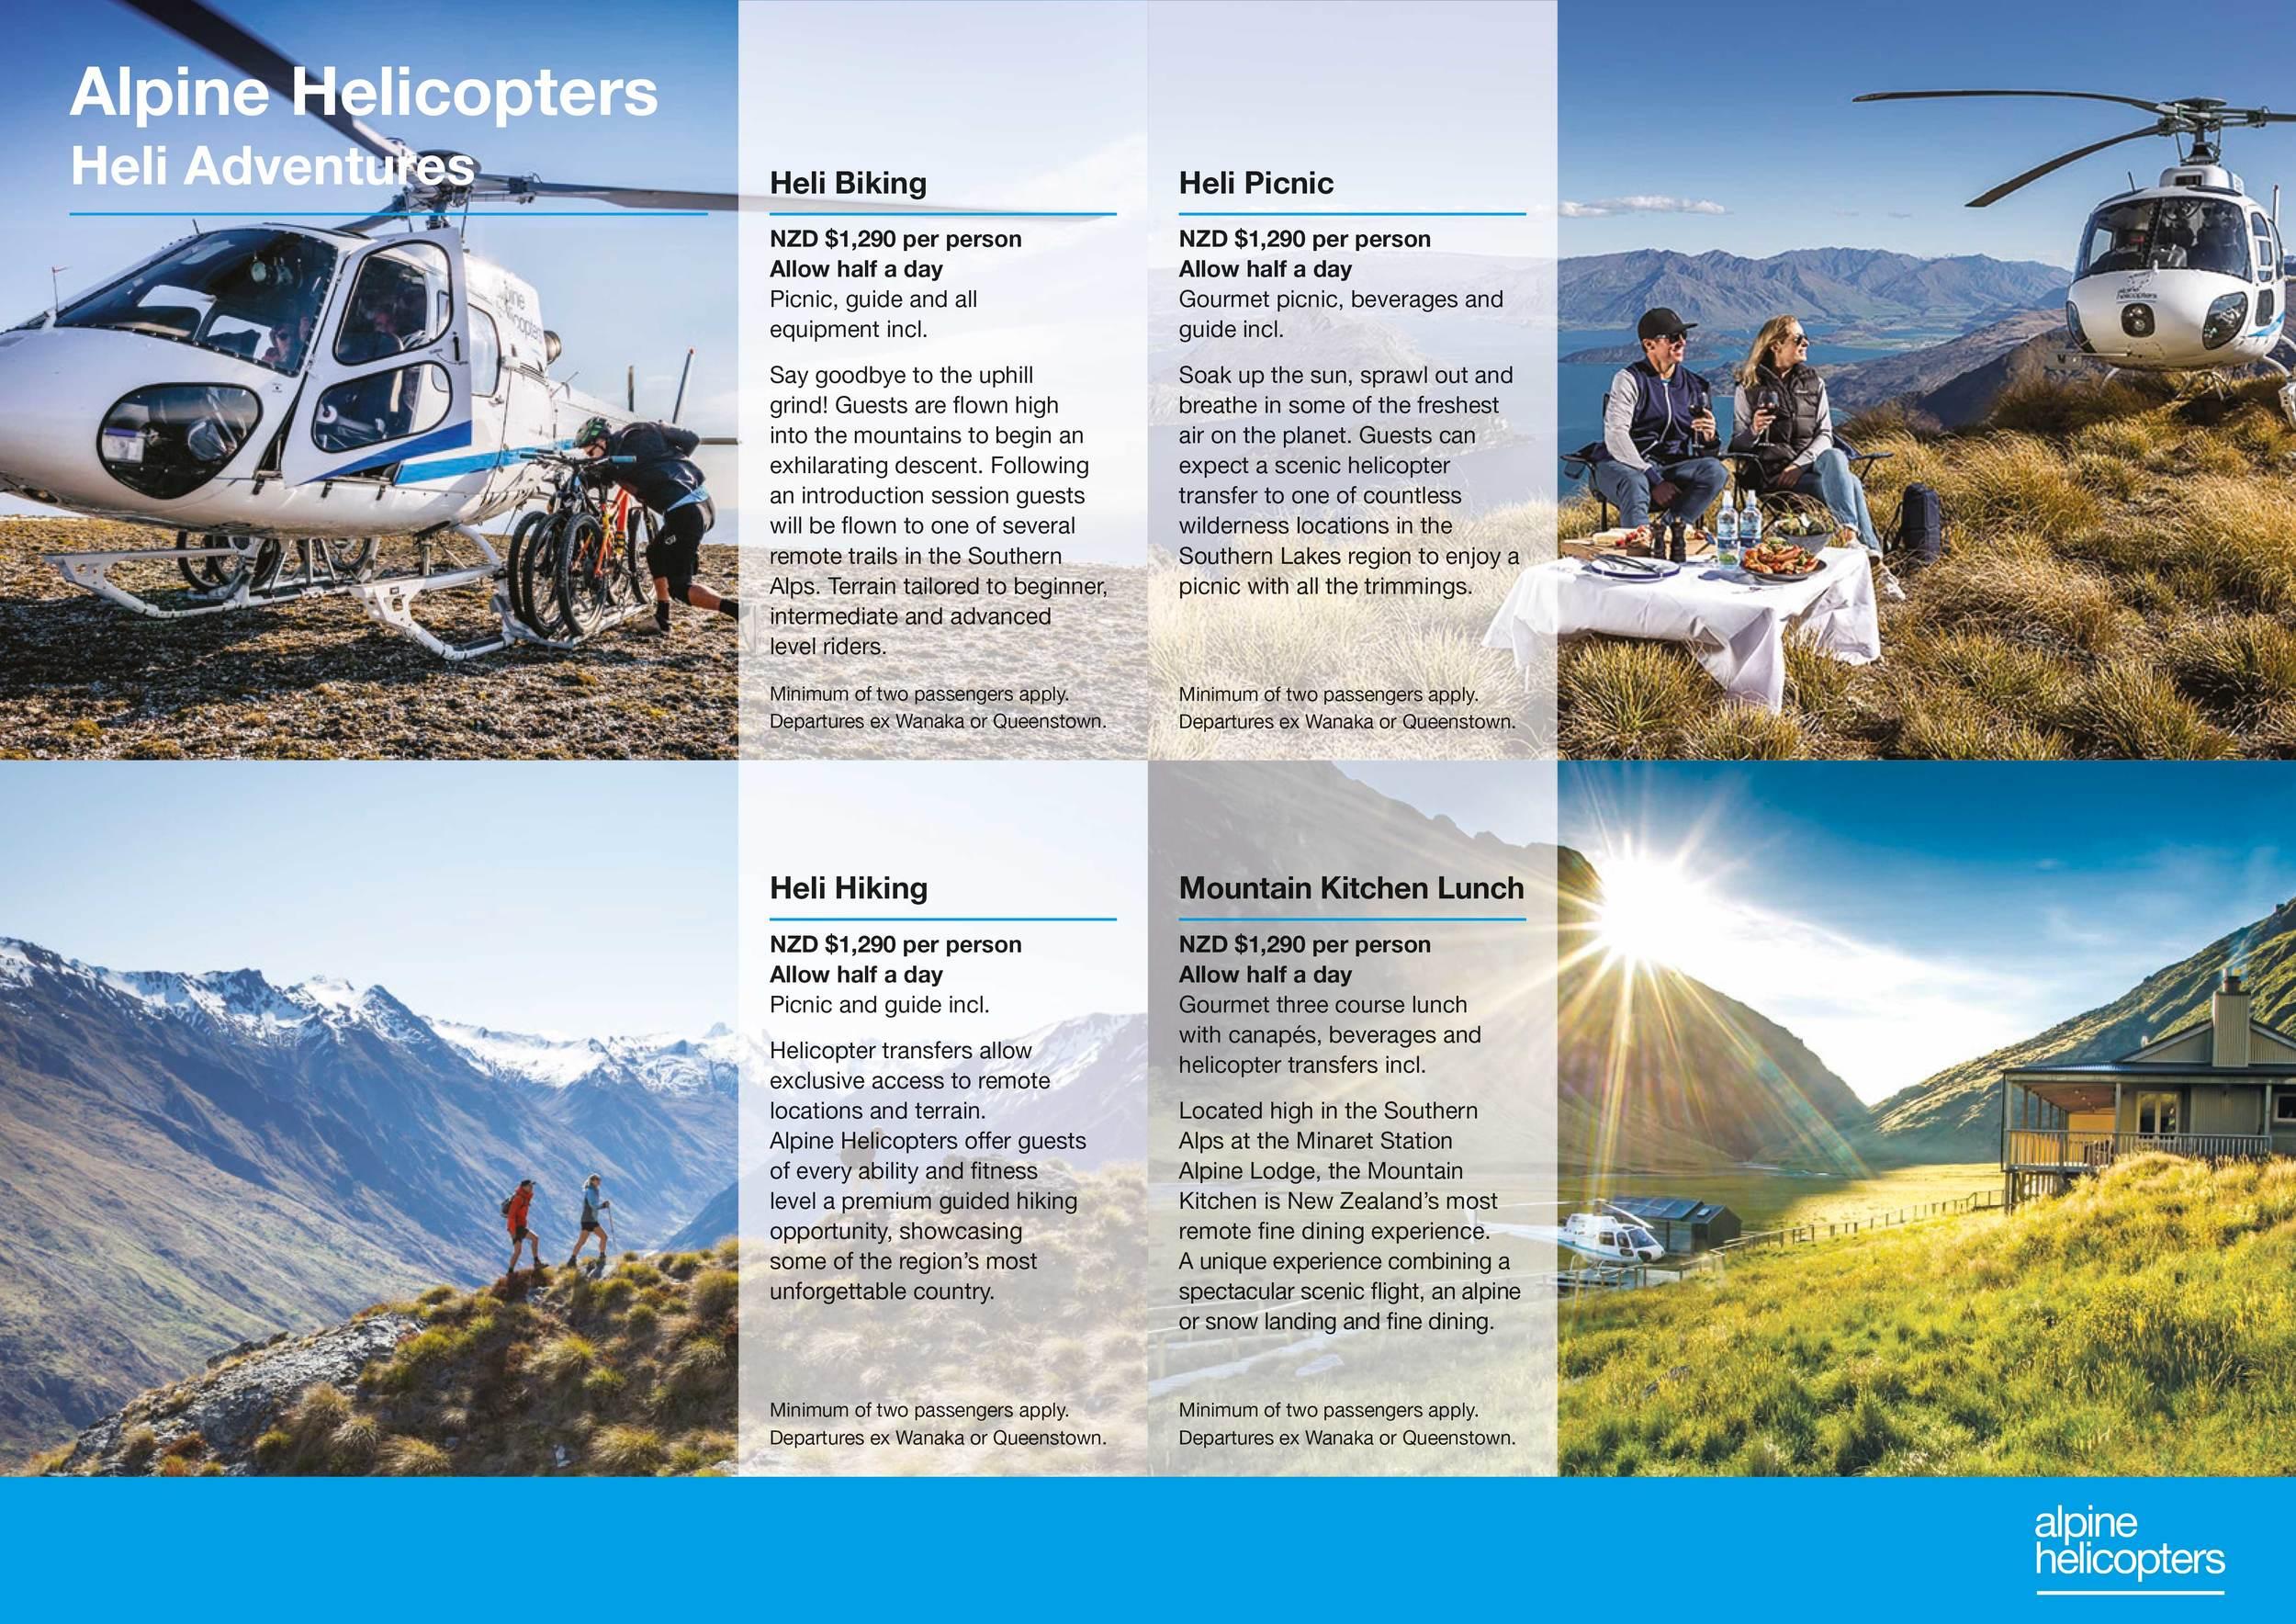 alpinehelicopters-wanaka-nz